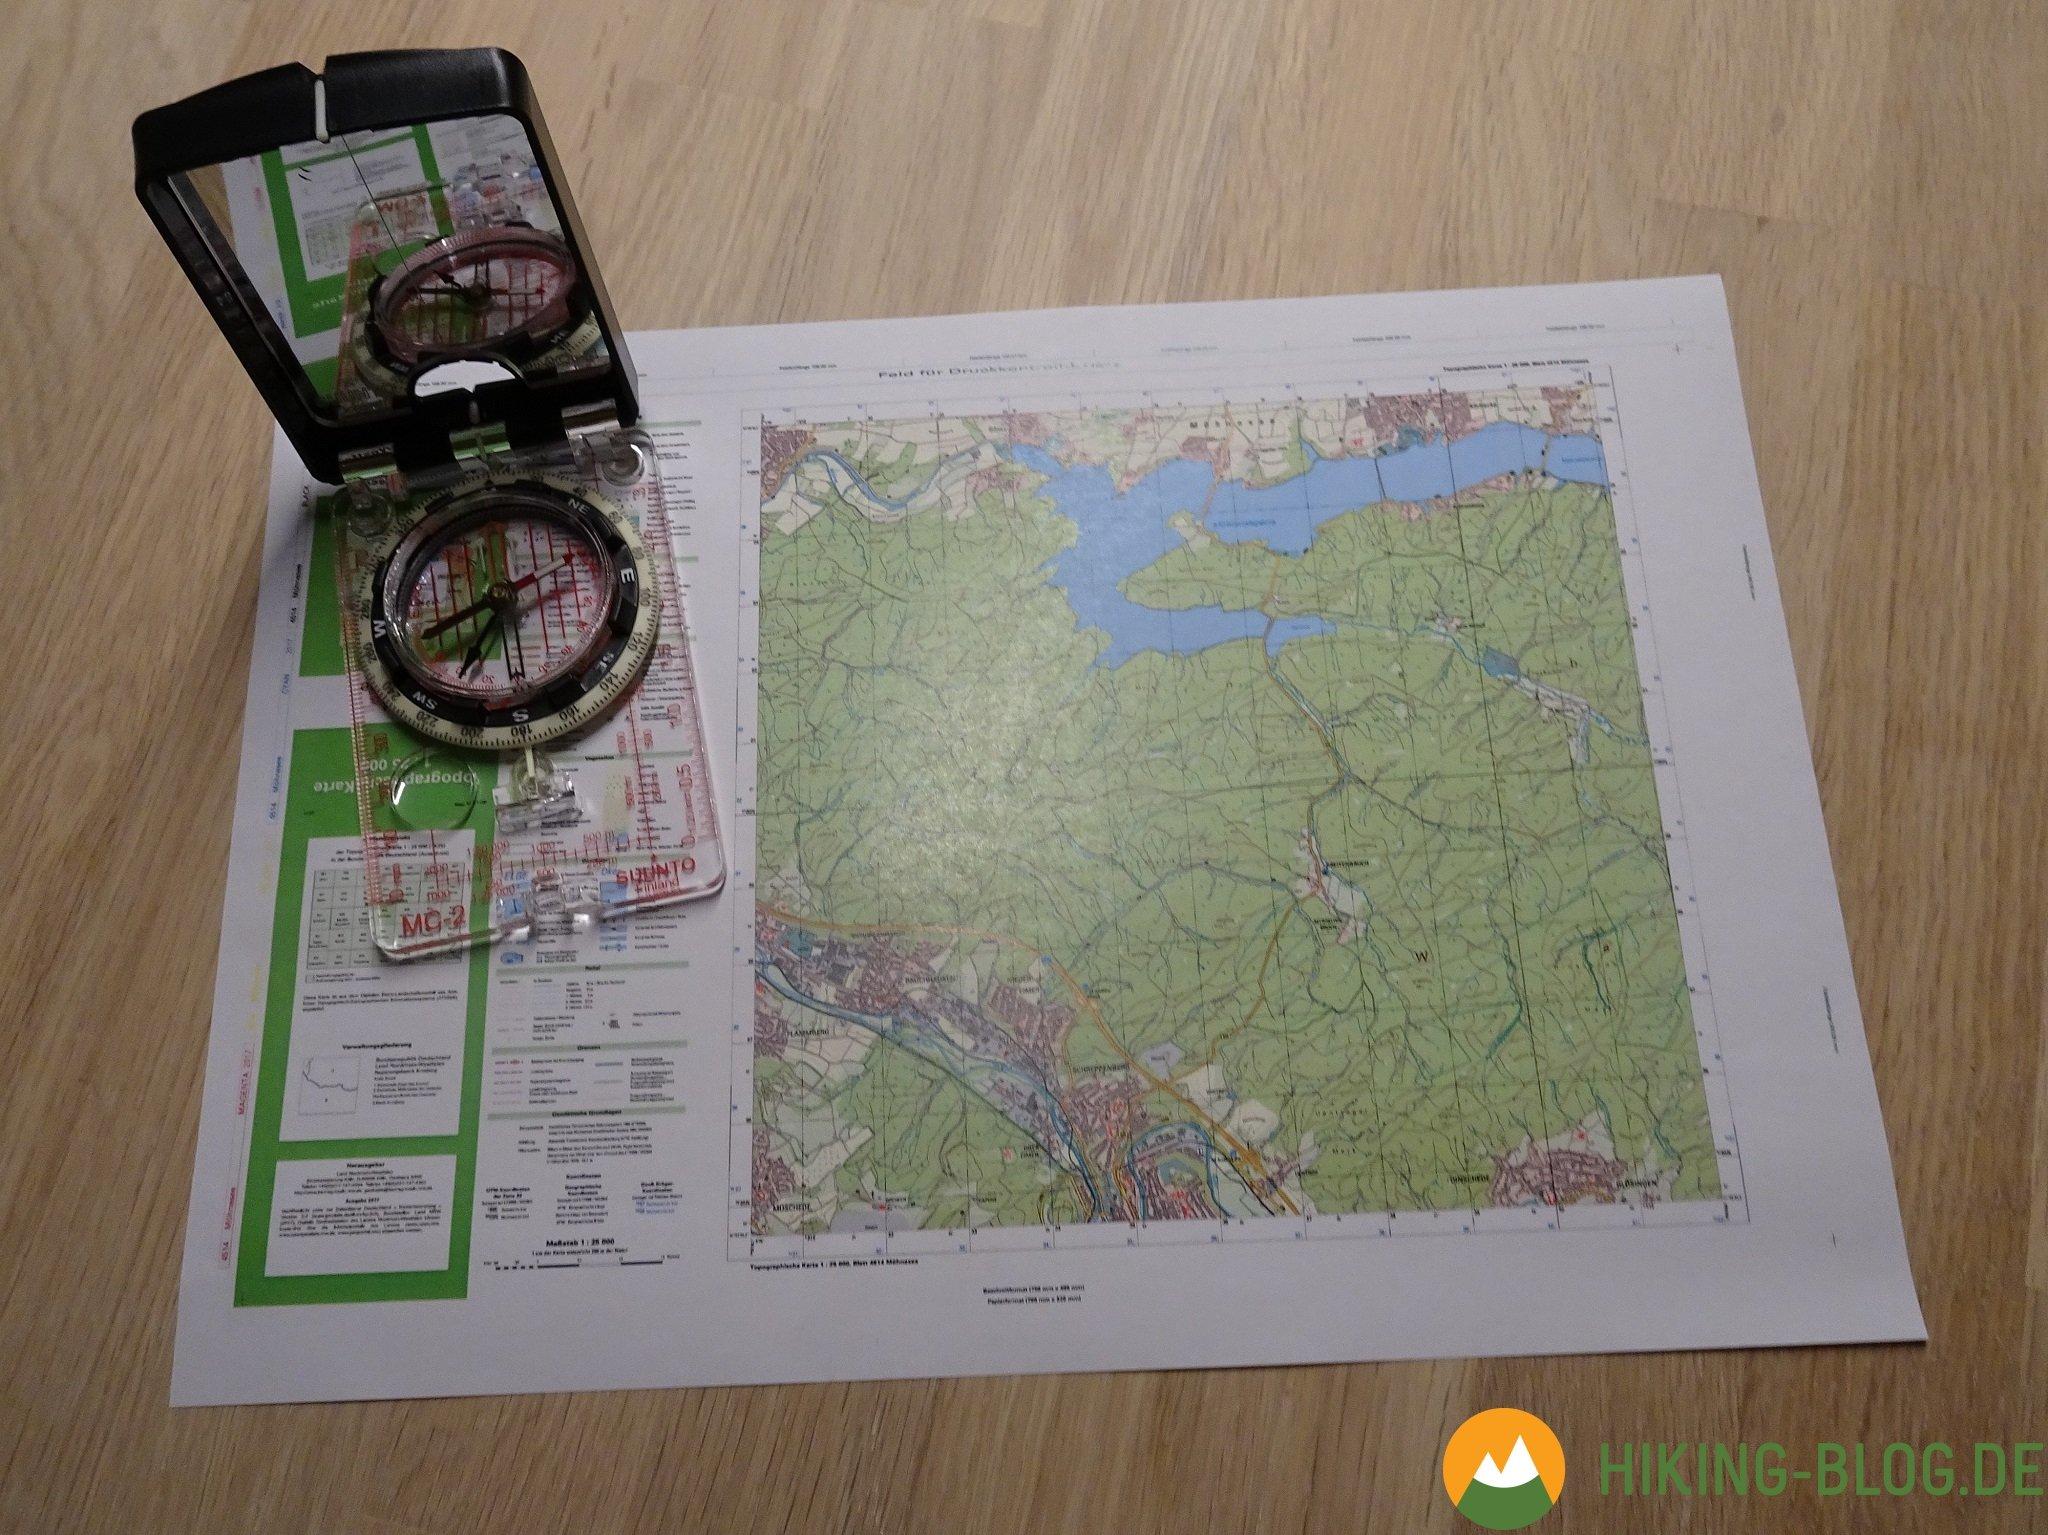 Topographische Karte Nrw.Tipp Kostenlose Topographische Karten Von Nrw Hiking Blog